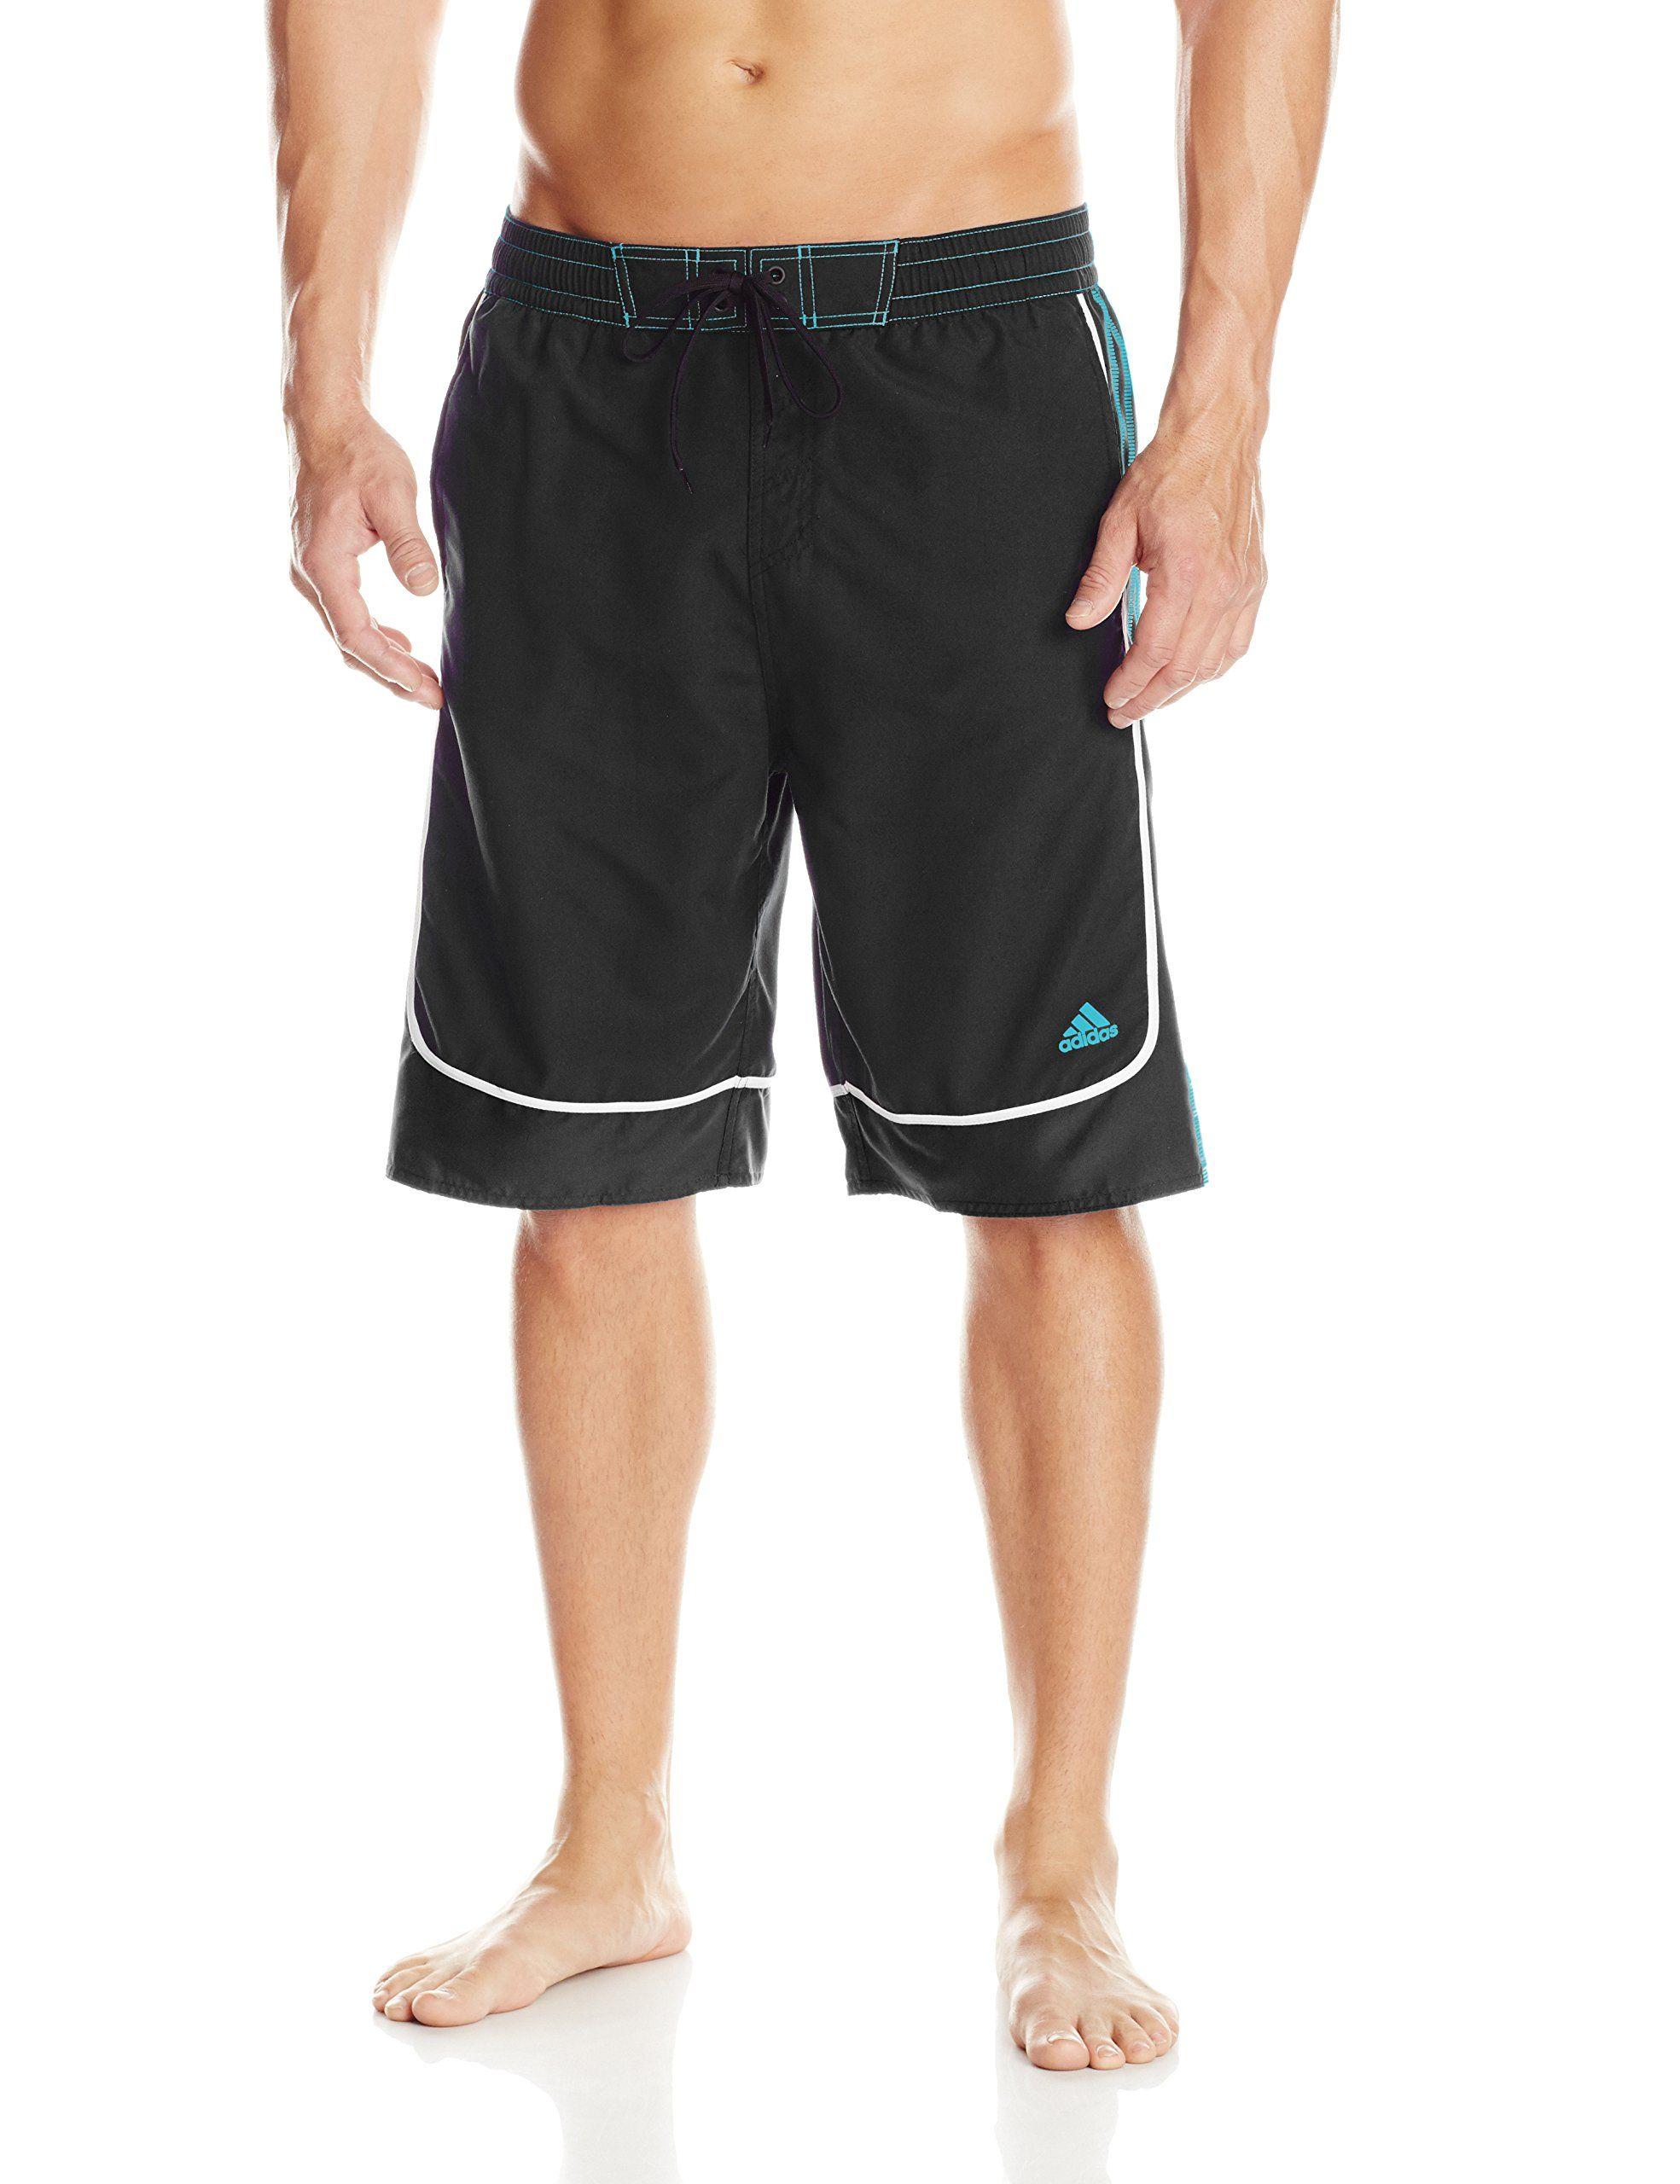 217909298c6ef adidas Men's Big-Tall Predator Volley Swim Short at Amazon Men's ...